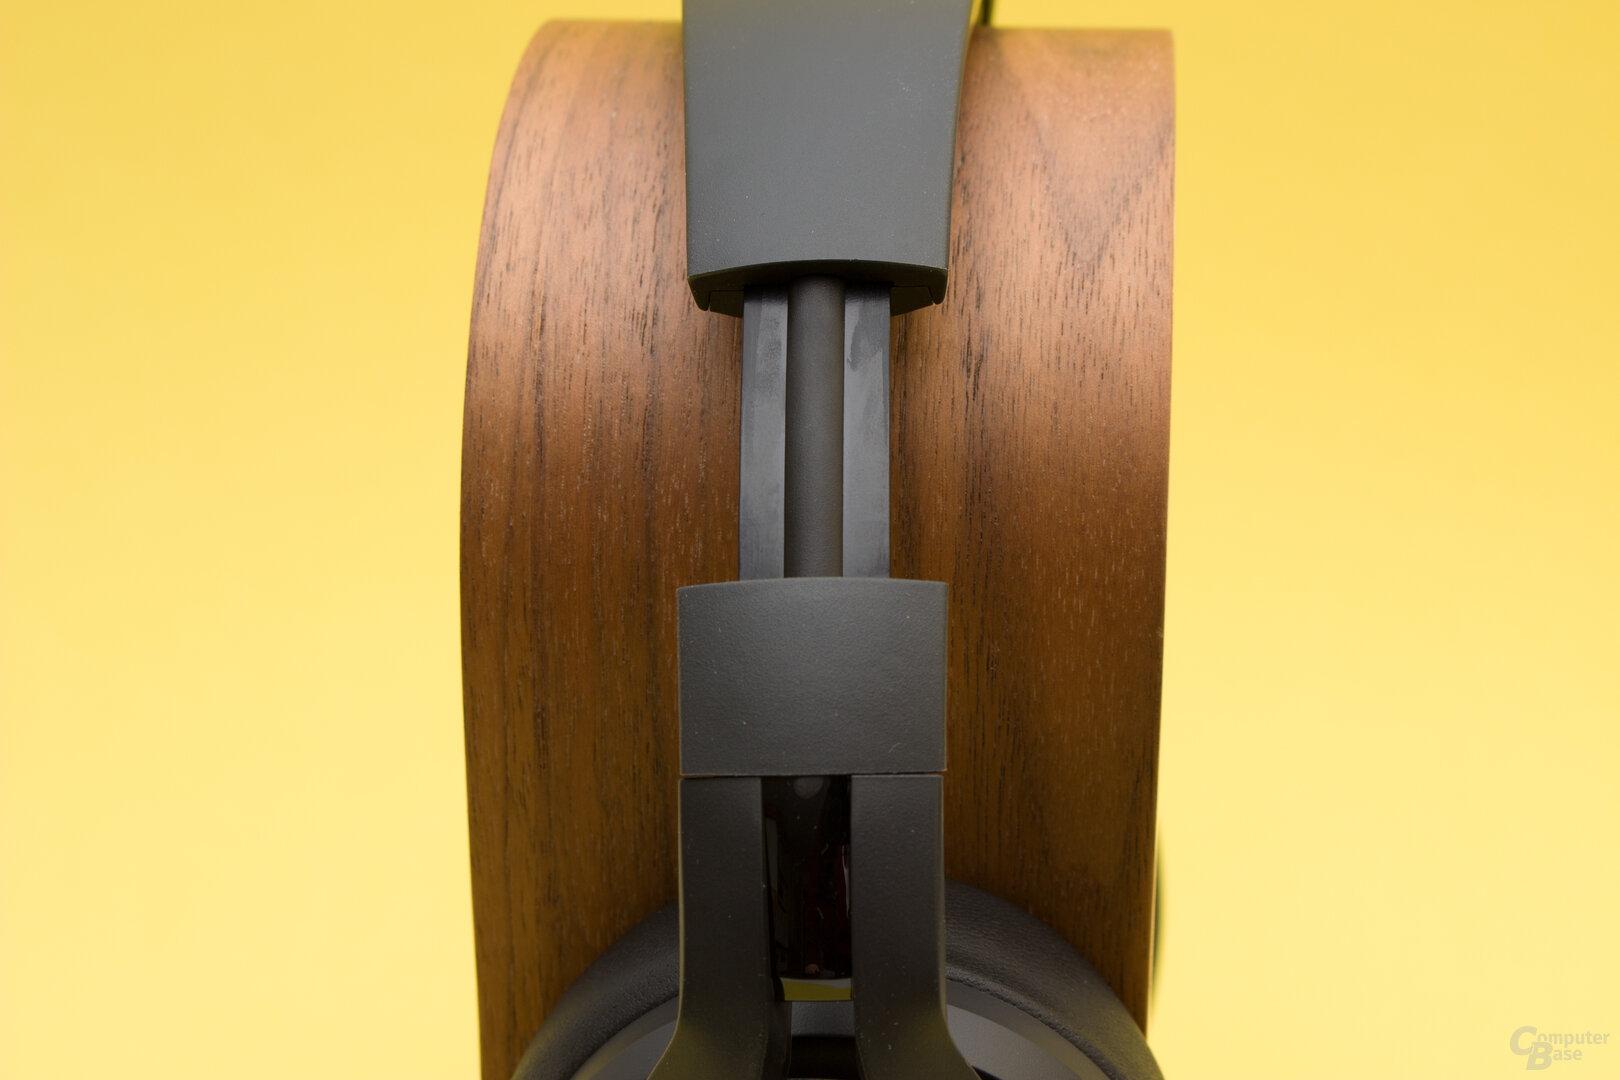 Der Metallbügel sorgt für einen strammen Sitz